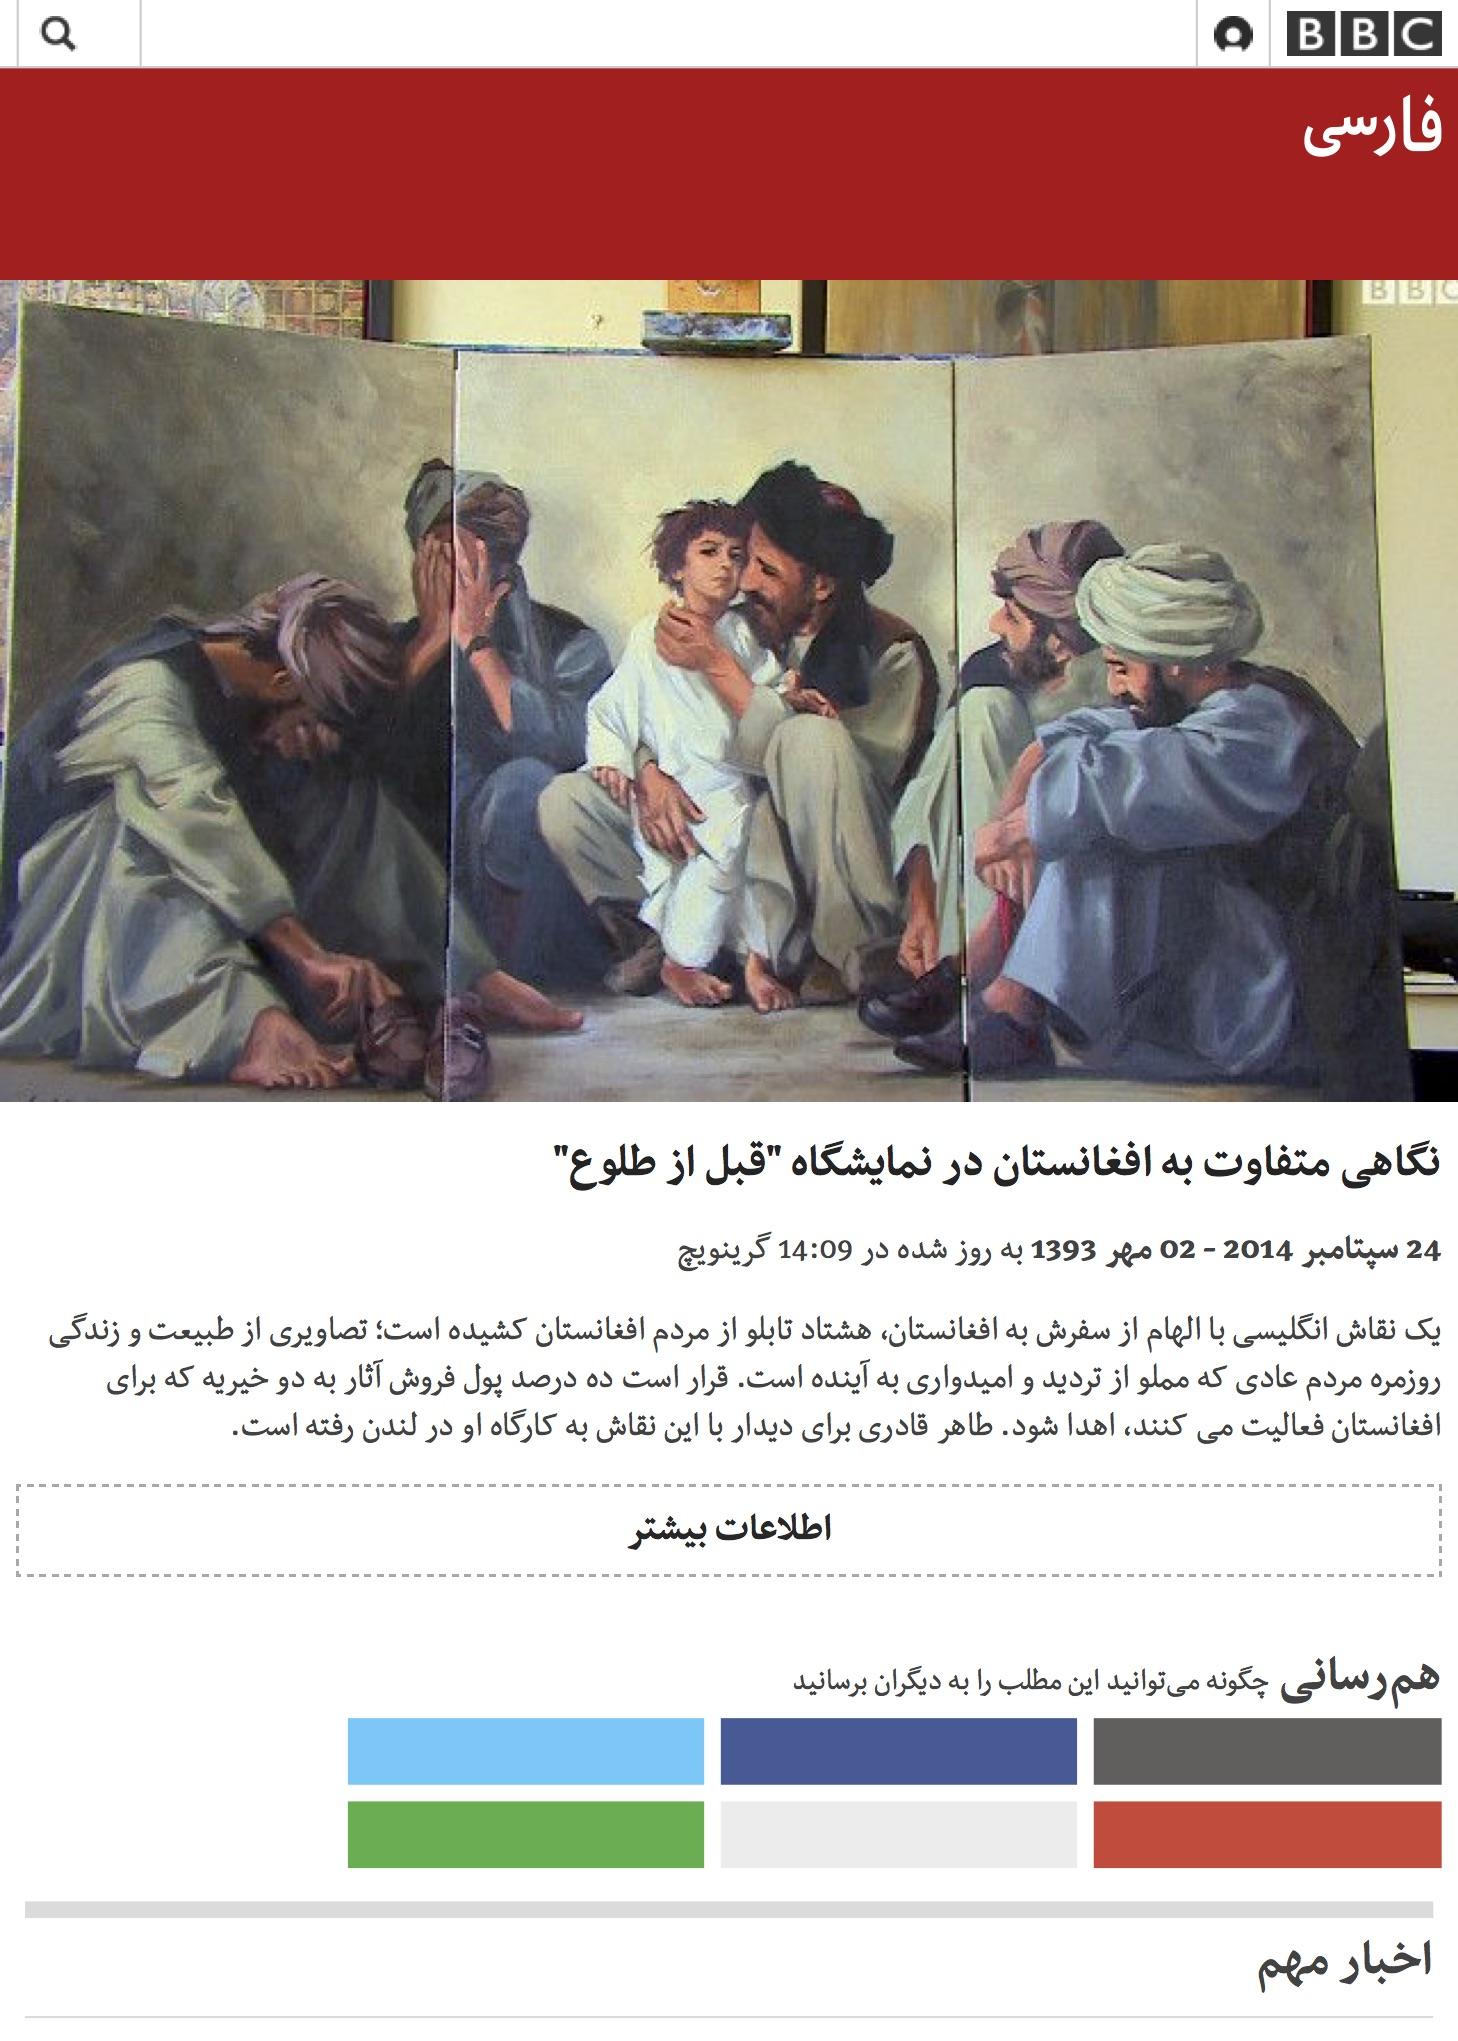 نگاهی متفاوت به افغانستان در نمایشگاه %22قبل از طلوع%22 - BBC Persian.jpg